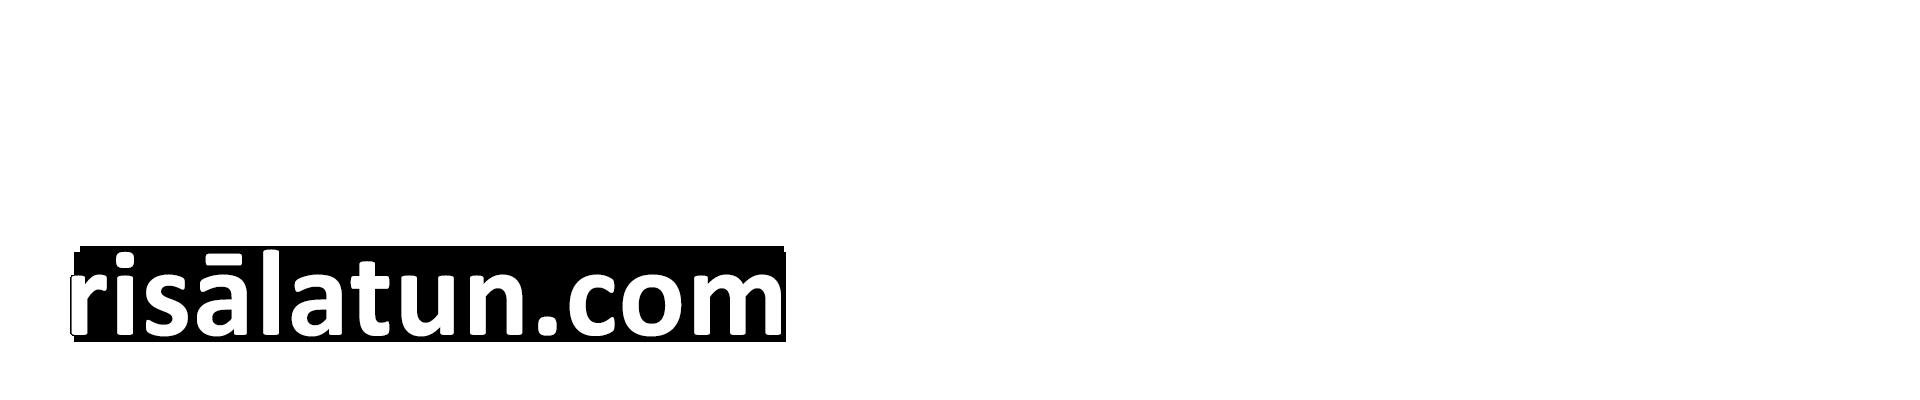 risalatun.com